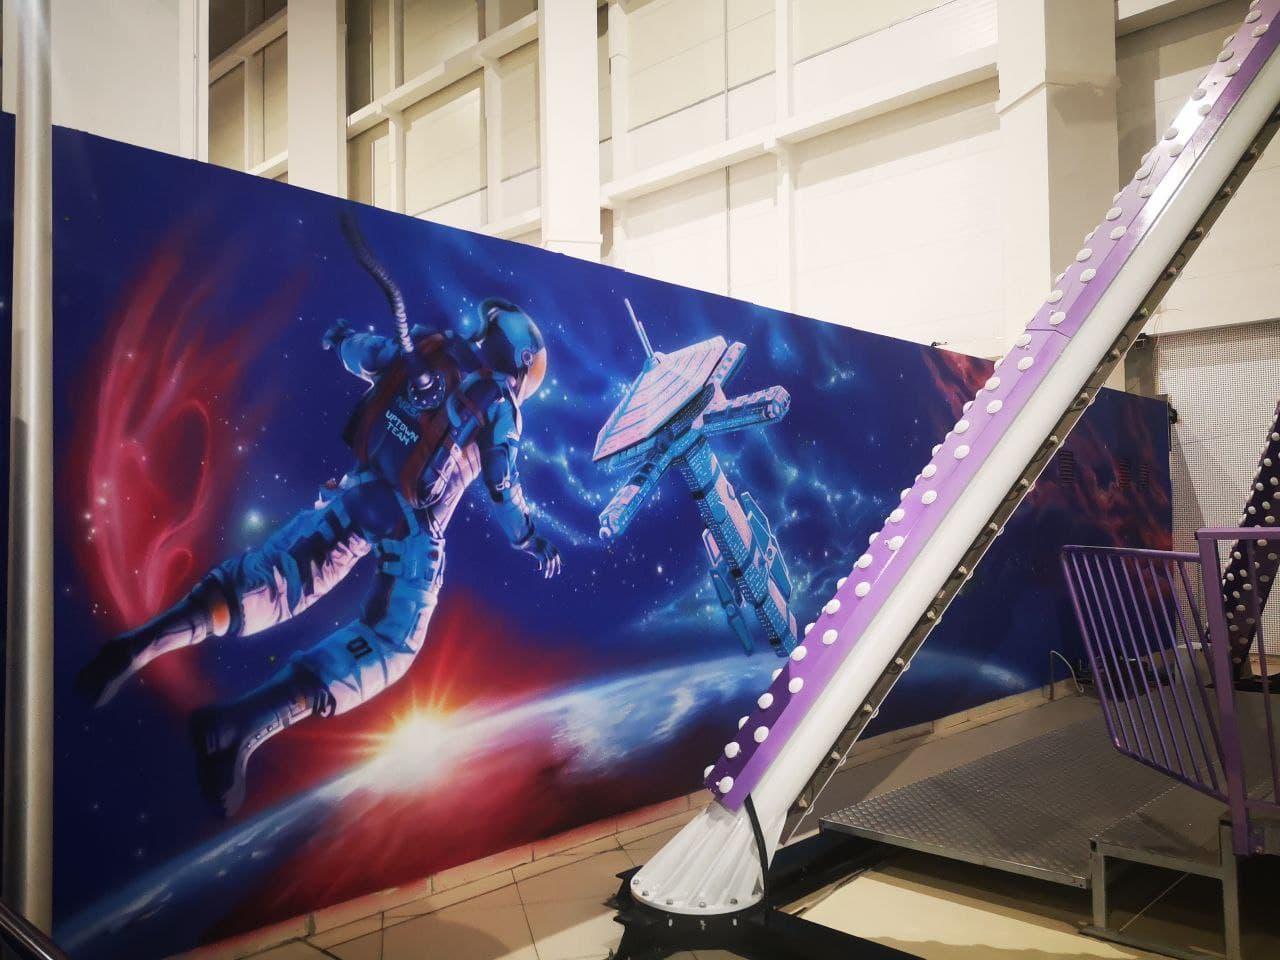 Роспись гардероба в cемейном парке развлечений Galaxy космонавт дальний план